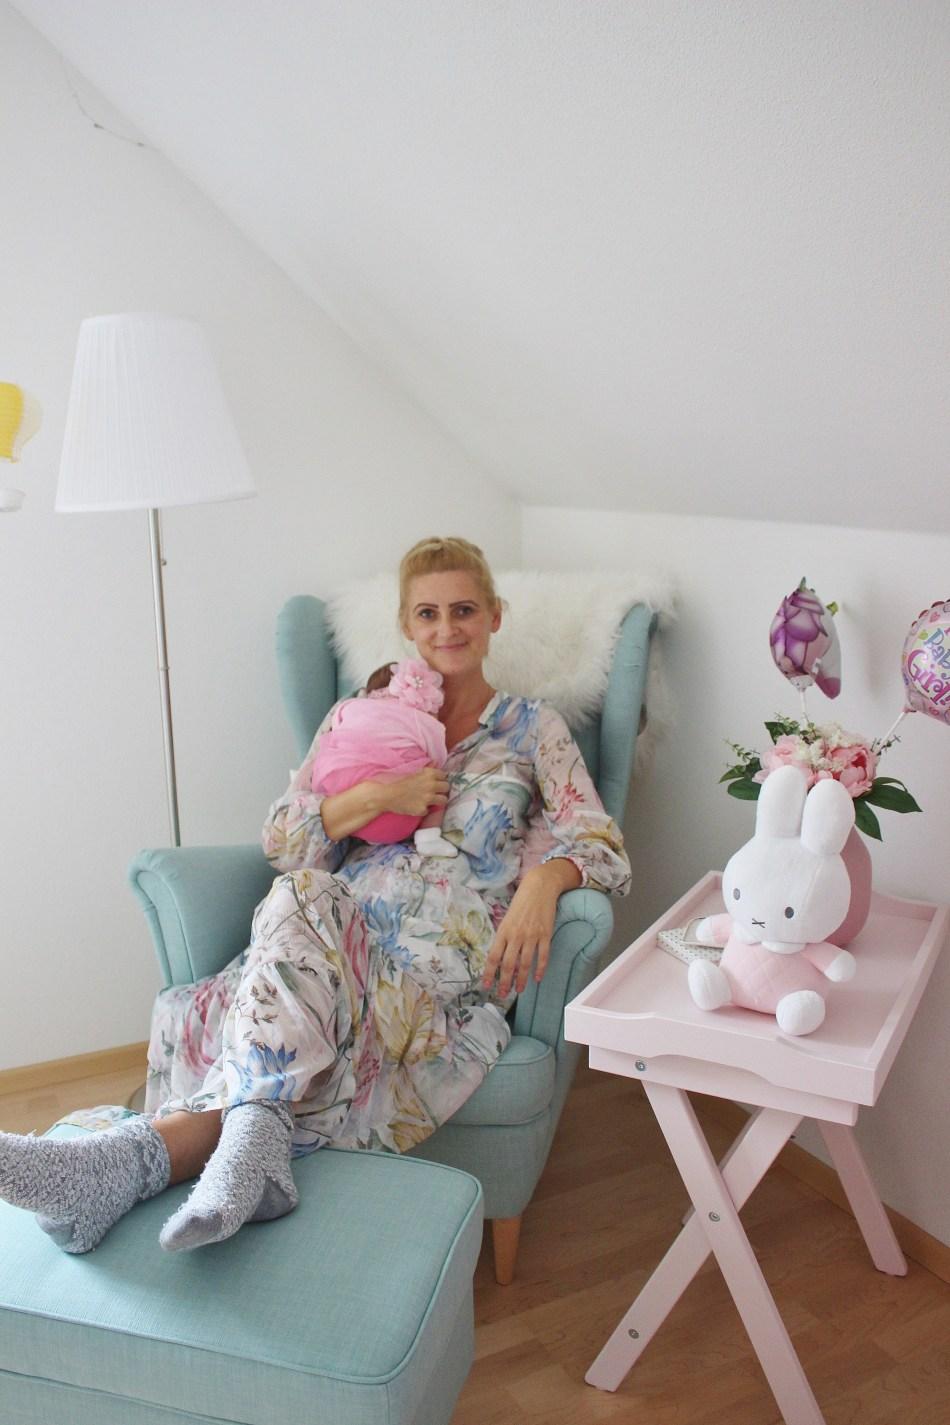 Baby-Babygirl-Valentina-Schwangerschaft-Mamablog-carrieslifestyle-Tamara-Prutsch